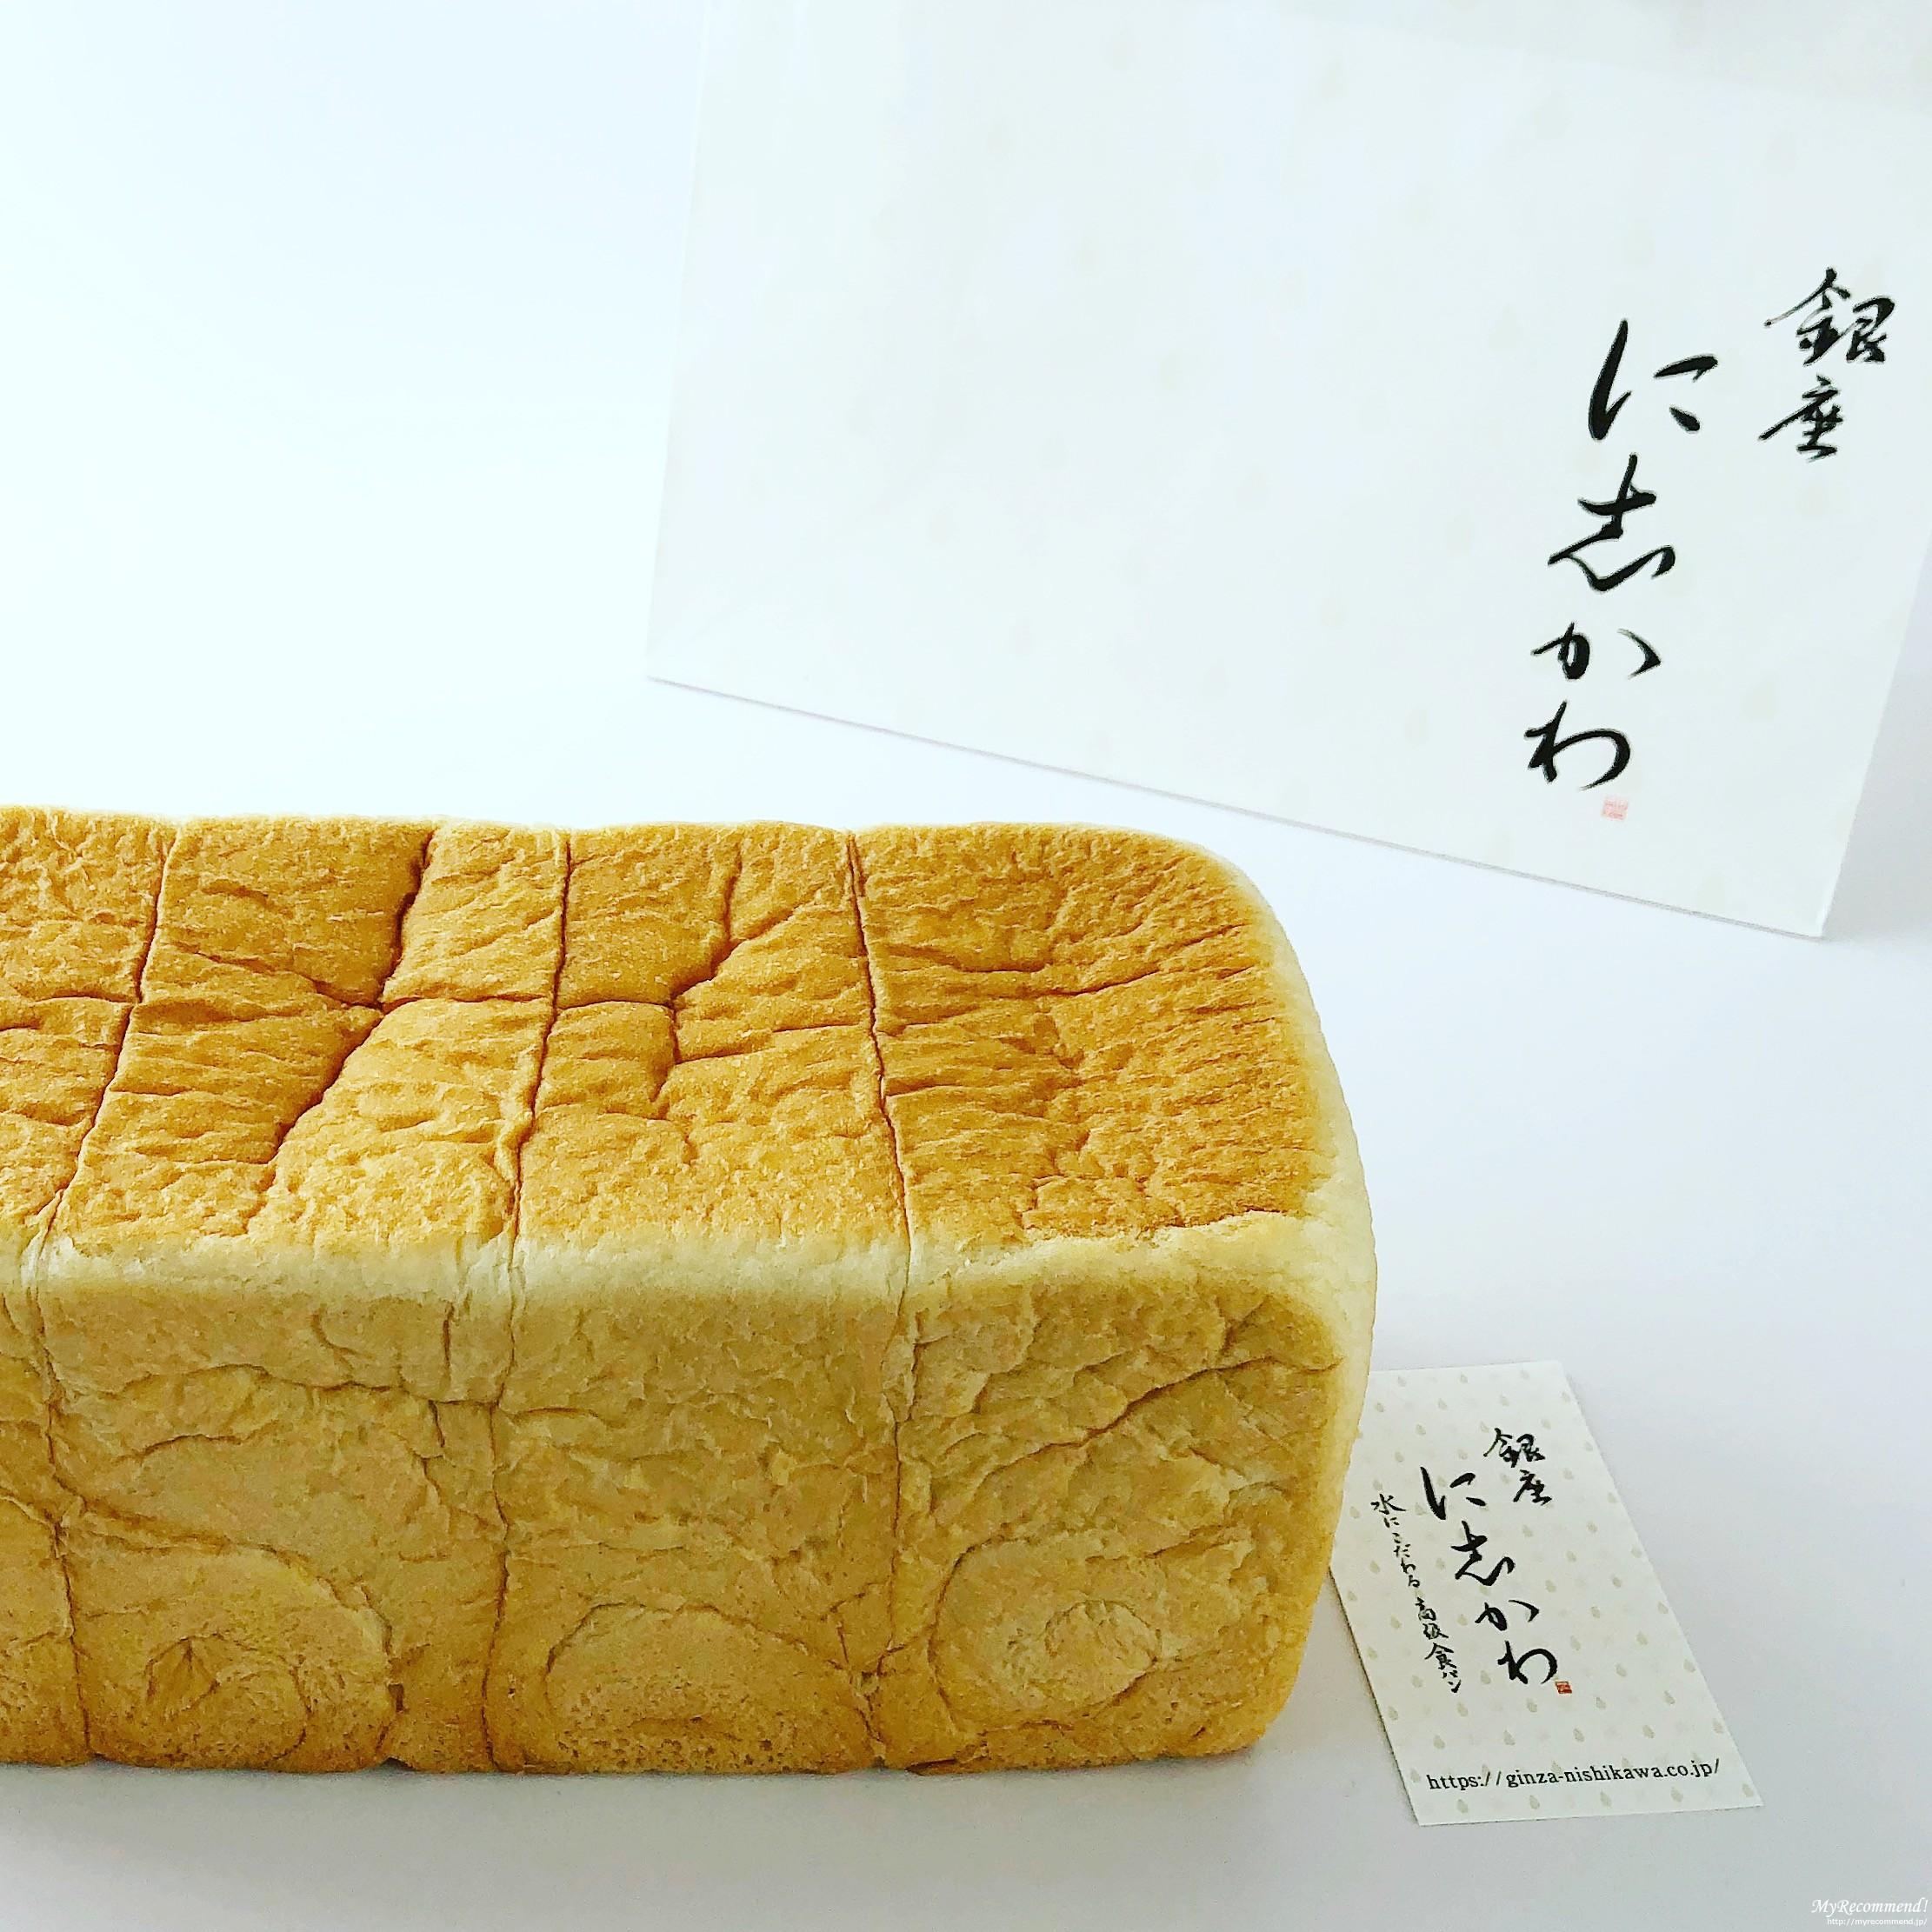 銀座に志かわの水にこだわる高級食パン